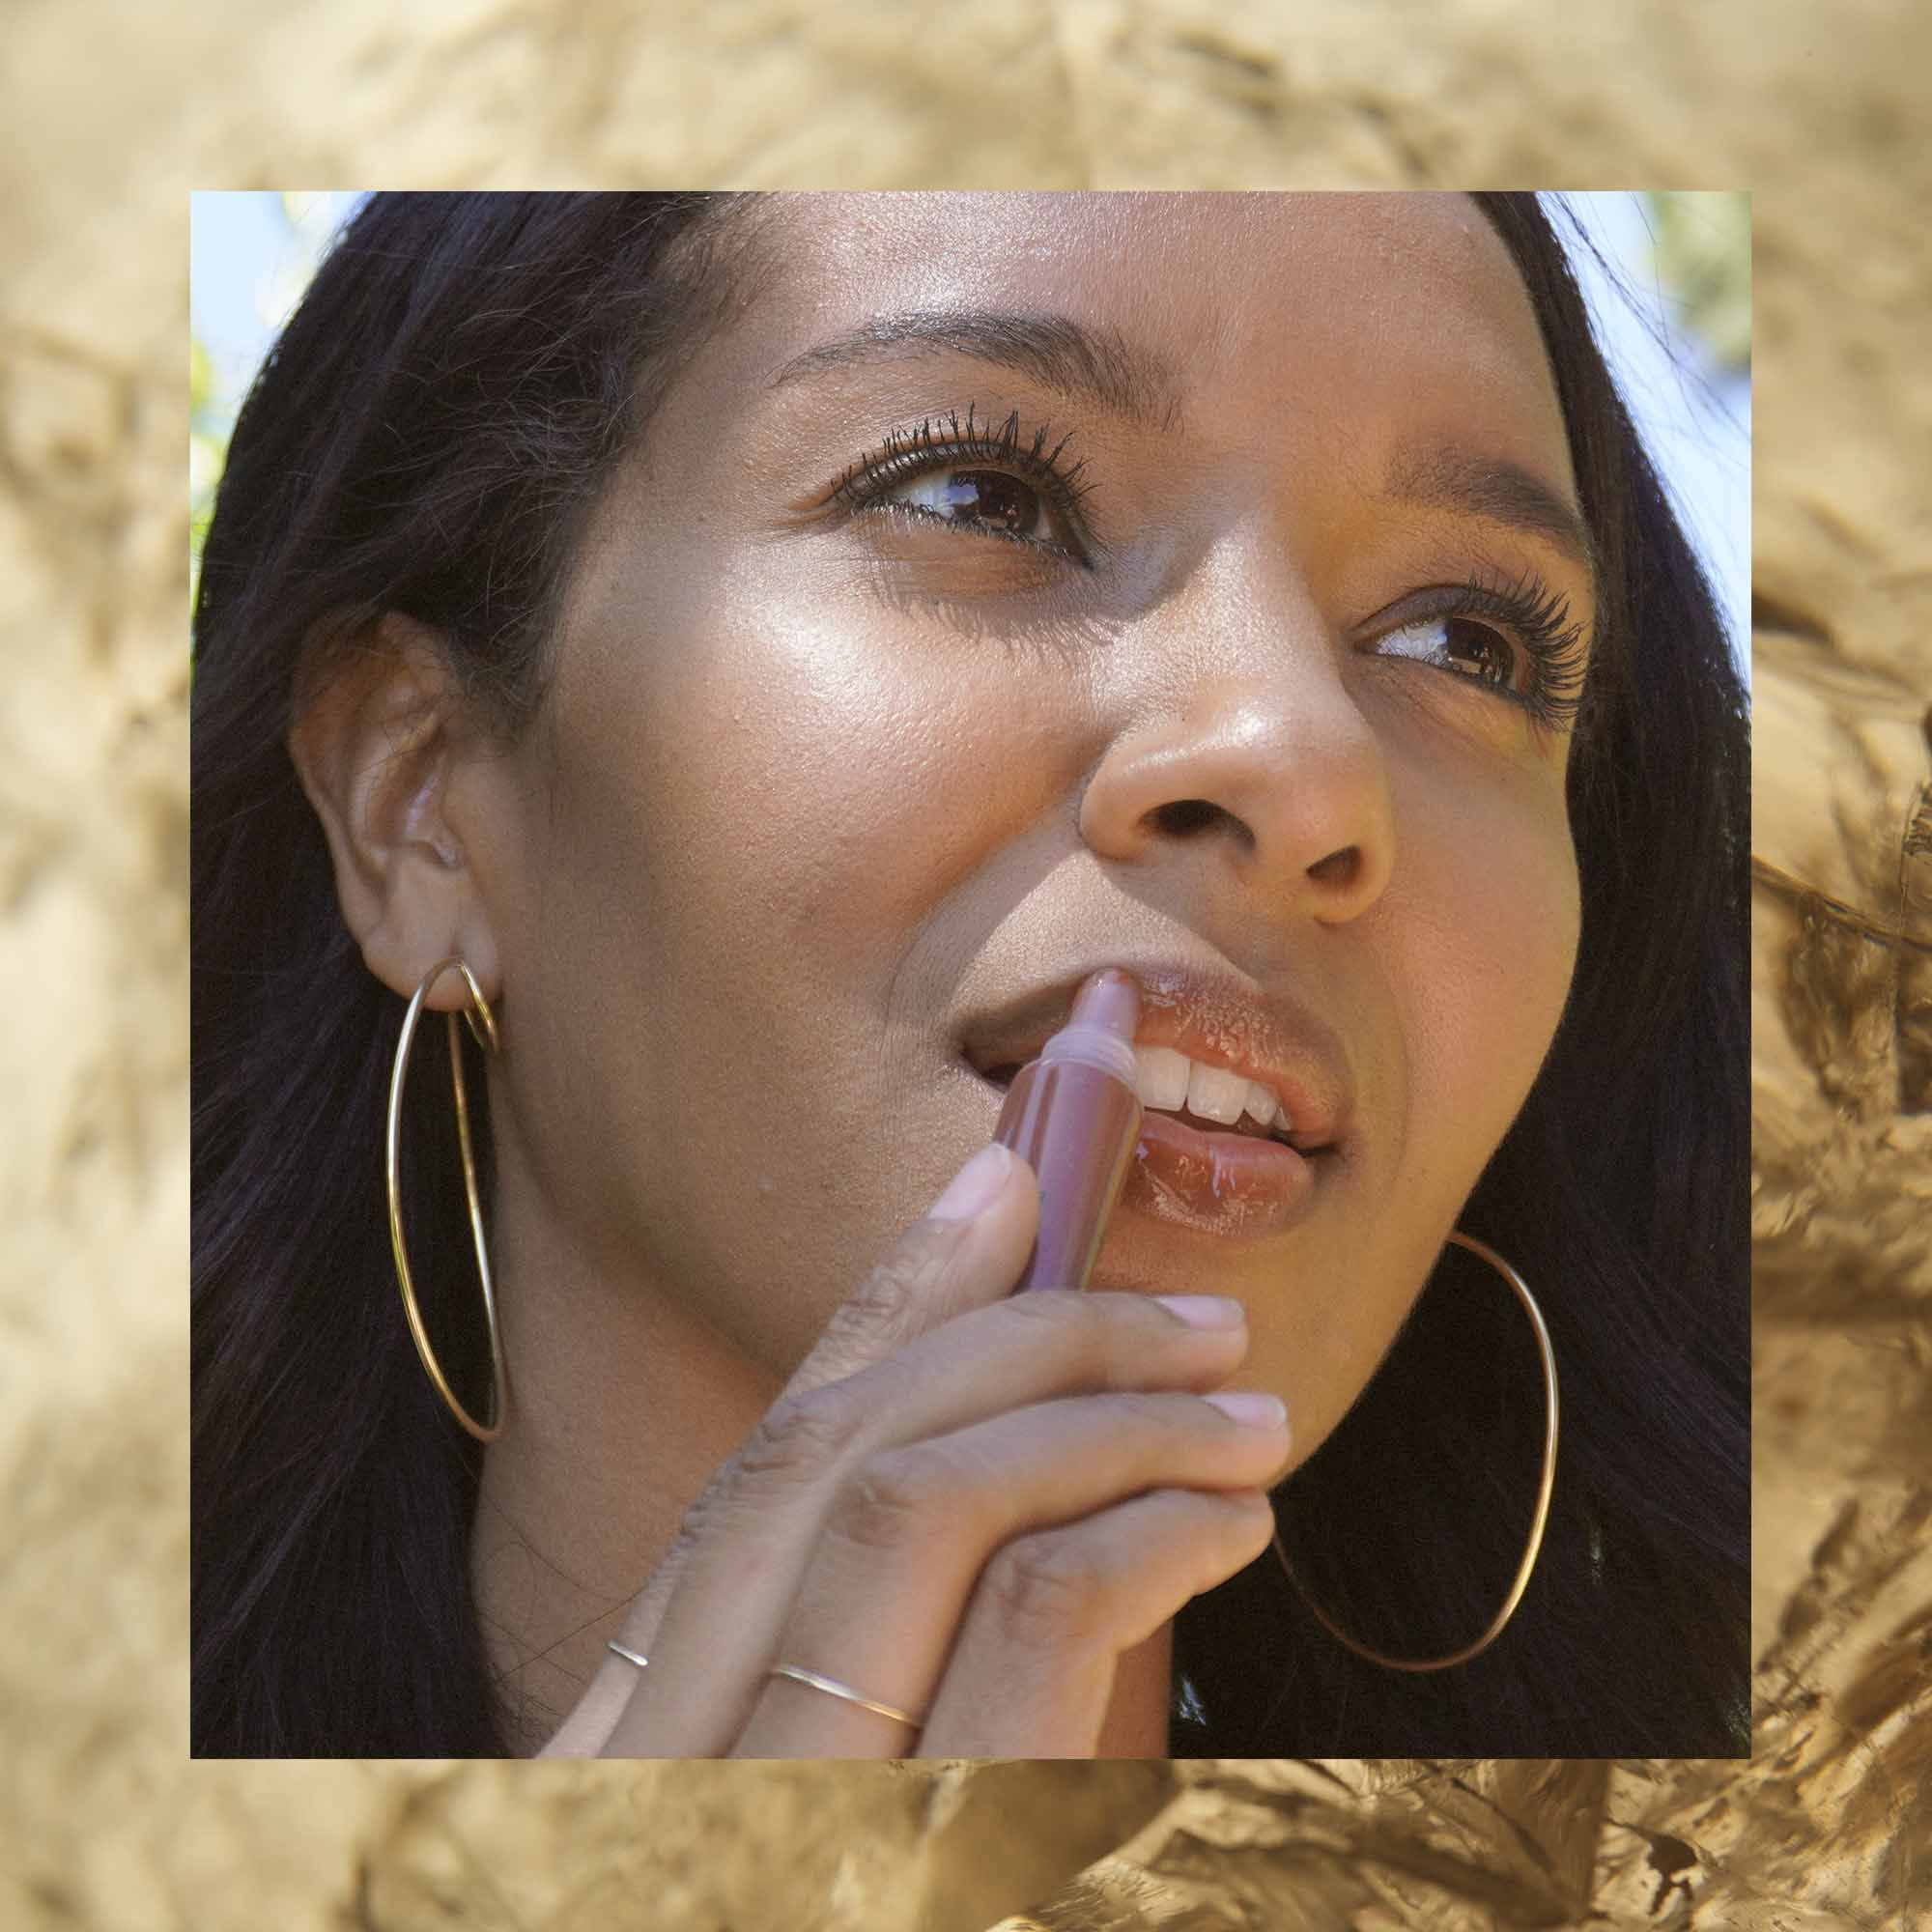 Gloss-C Lip Gloss in Axinite